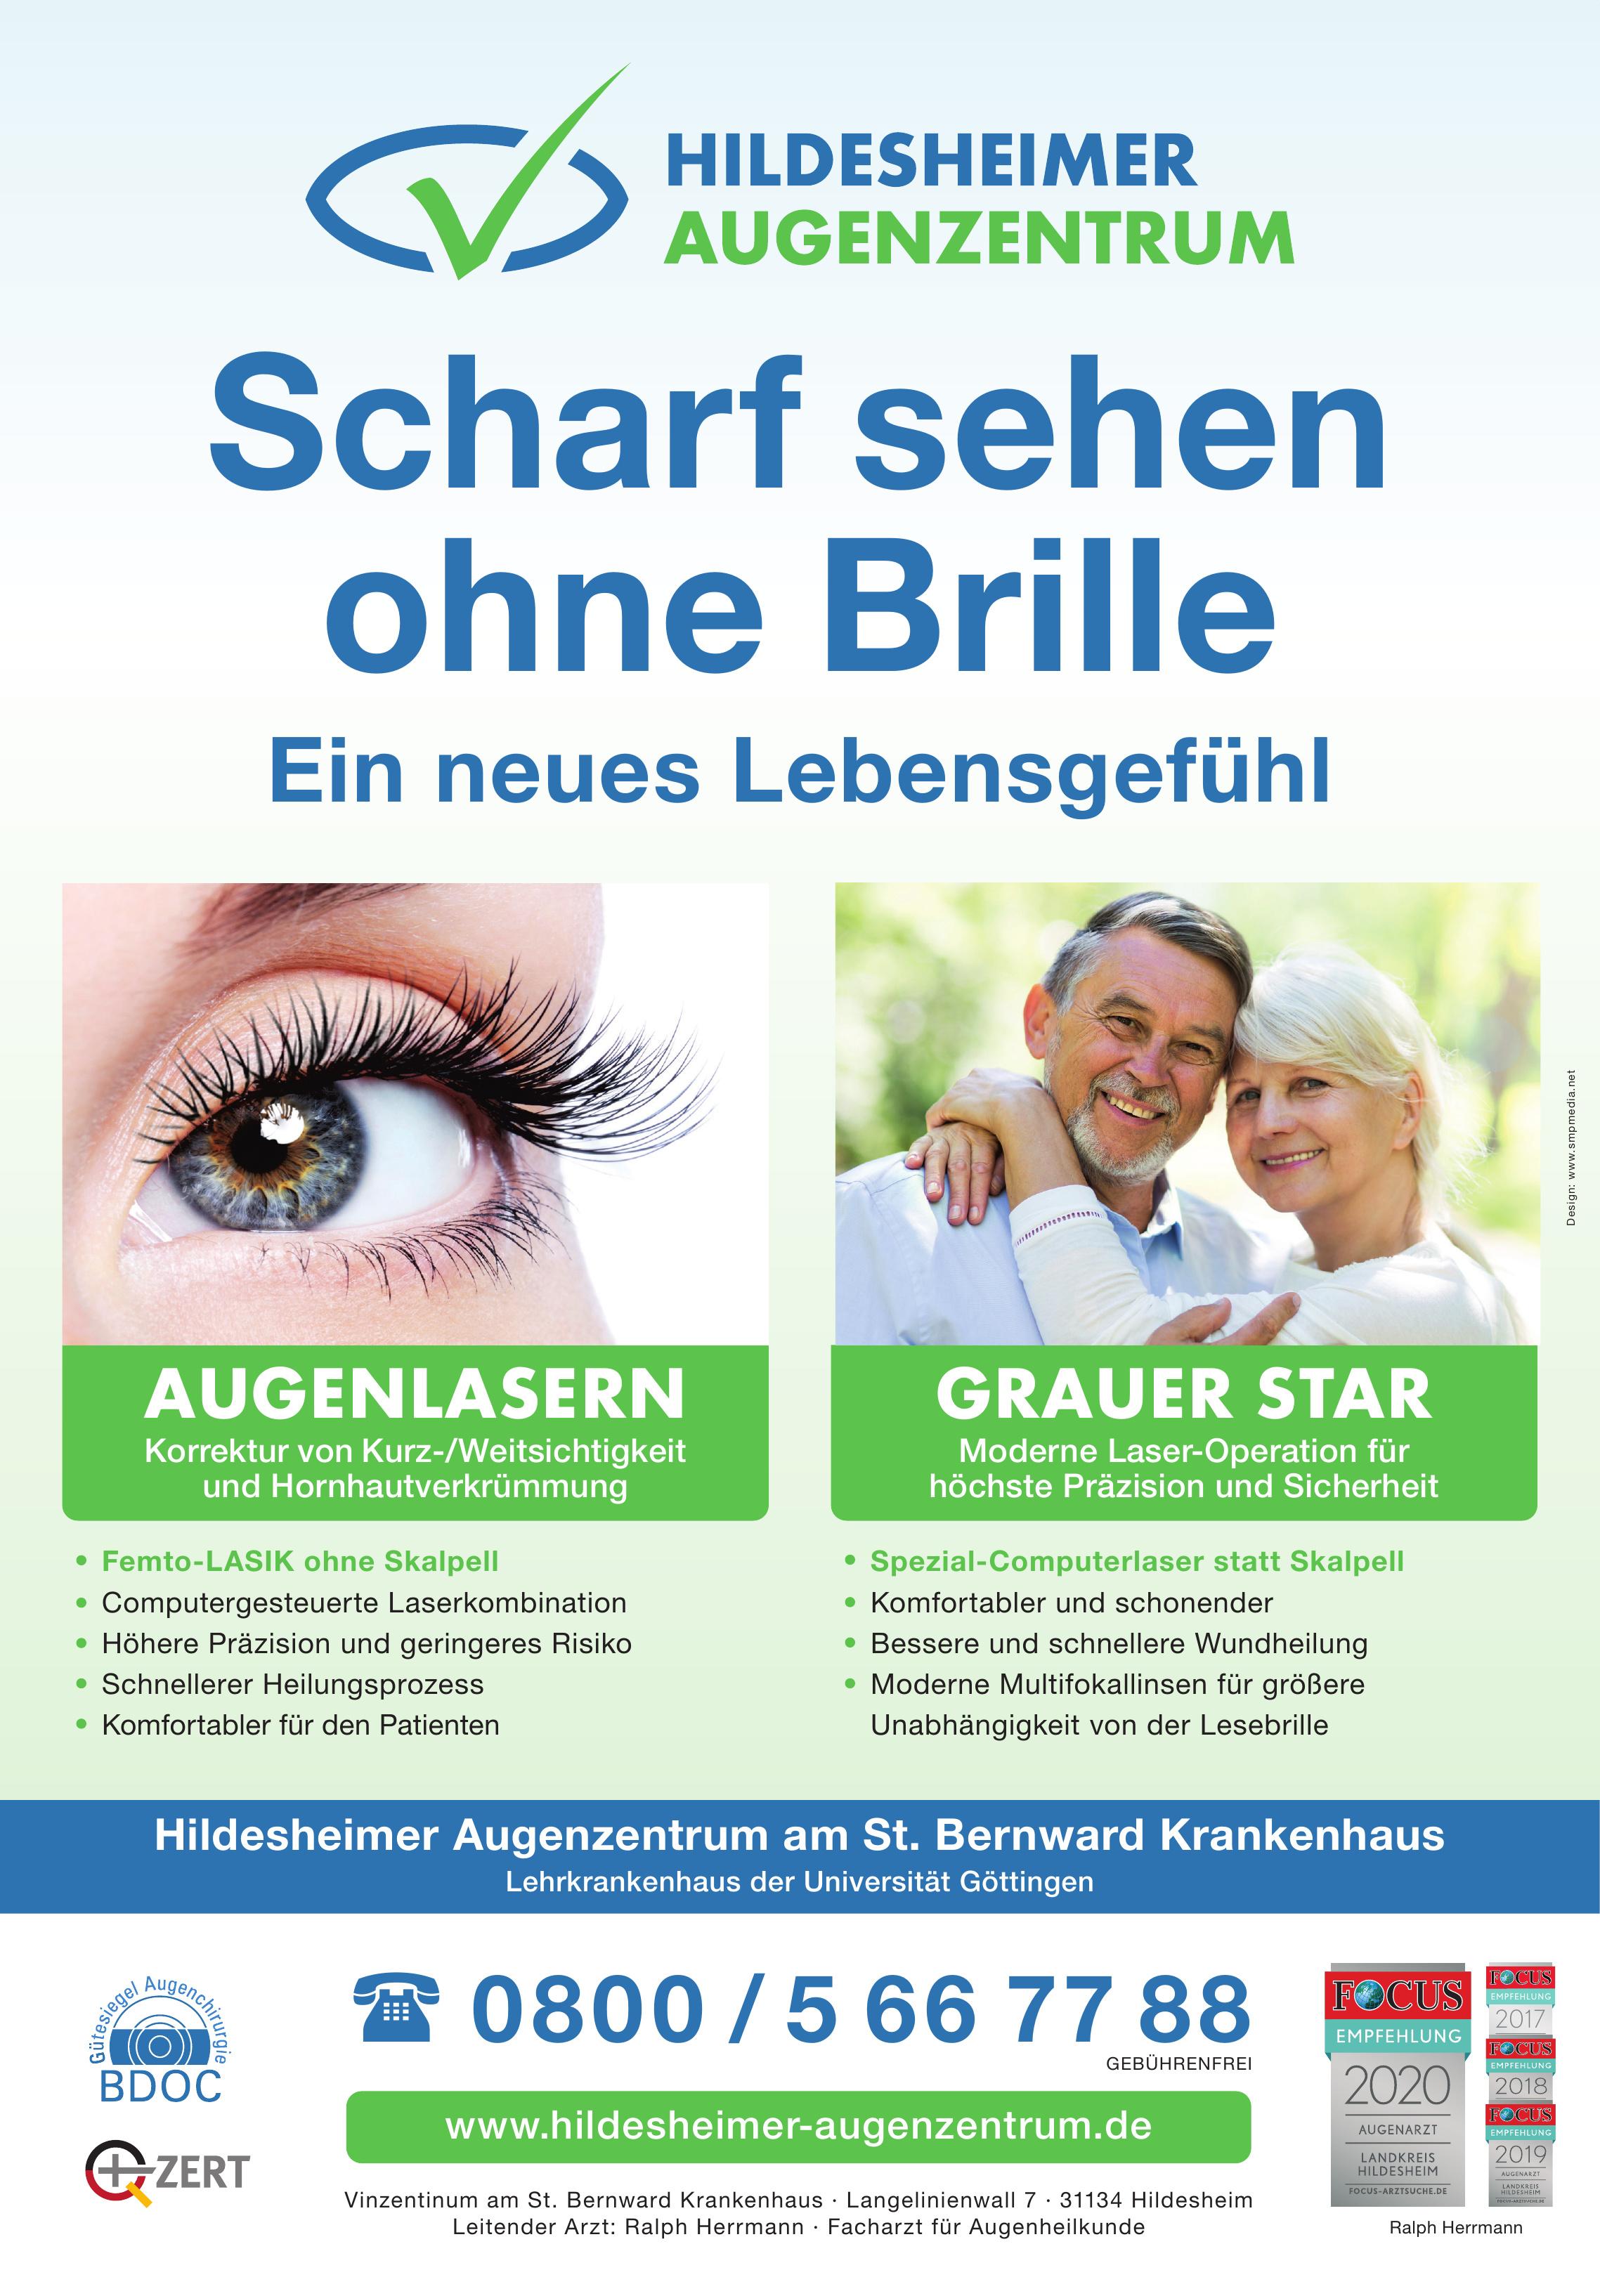 Hildesheimer Augenzentrum am St. Bernward Krankenhaus